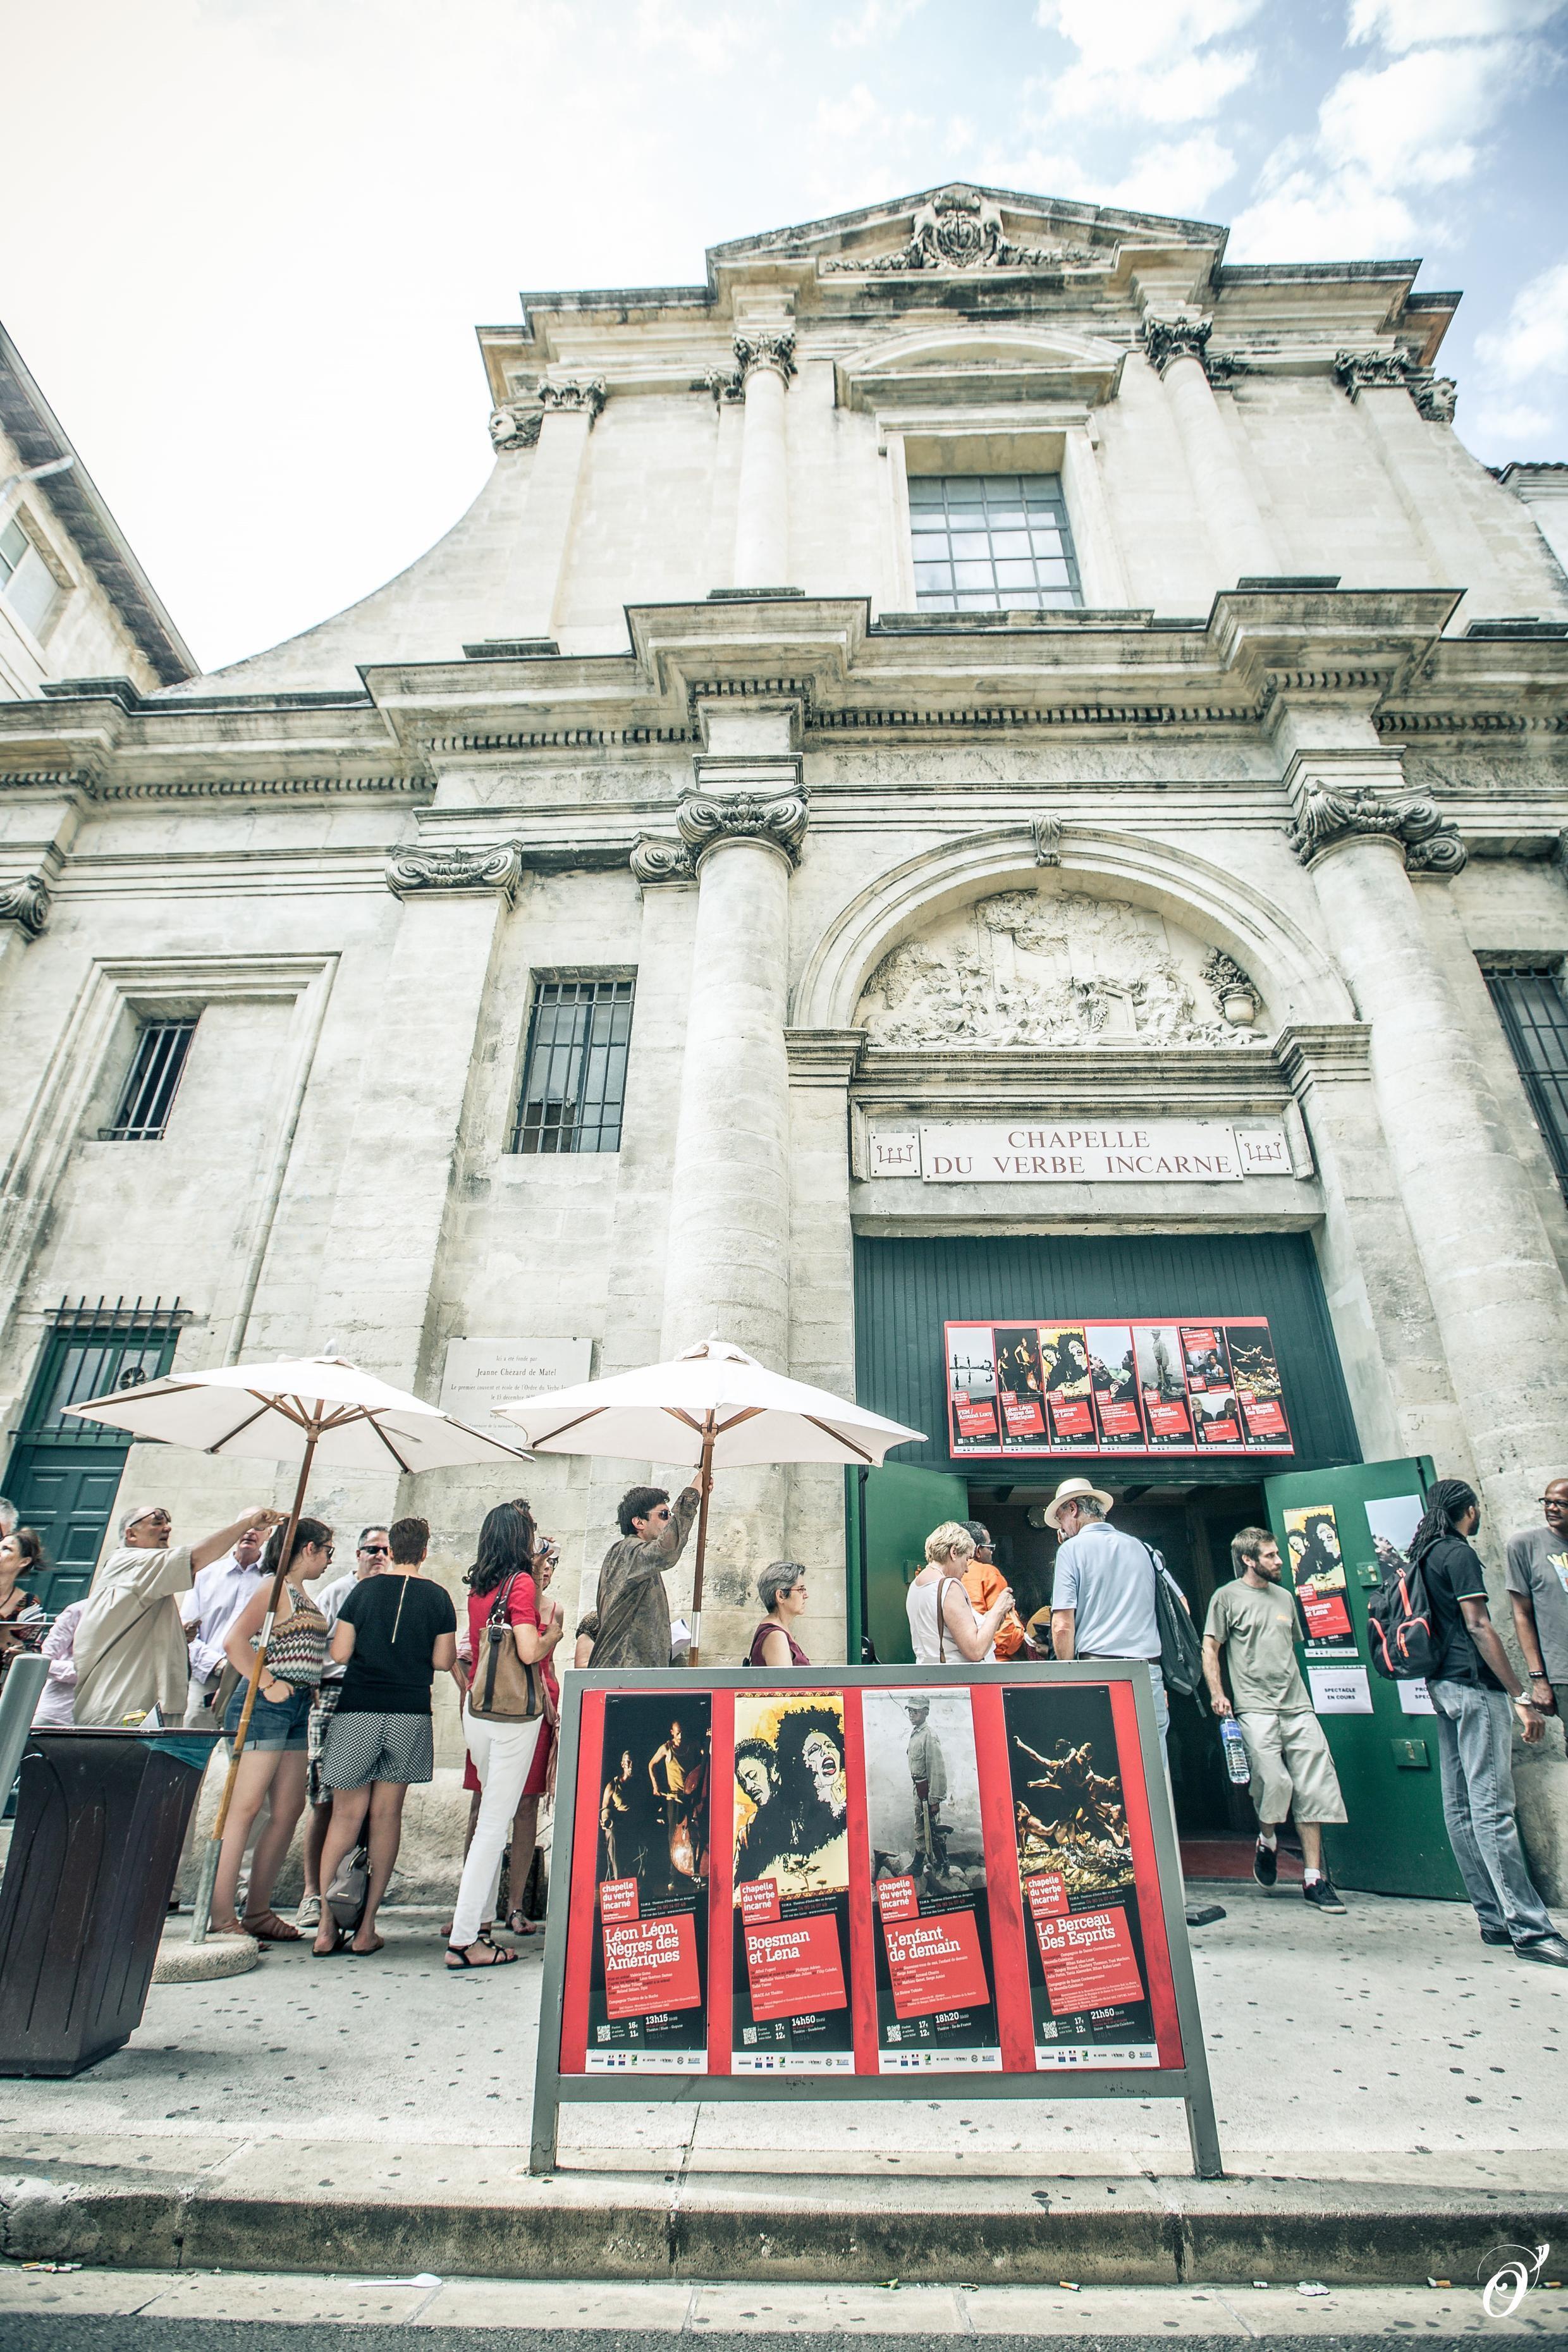 Le public d'habitués fait la queue devant la porte de la Chapelle du Verbé Incarné, à Avignon.